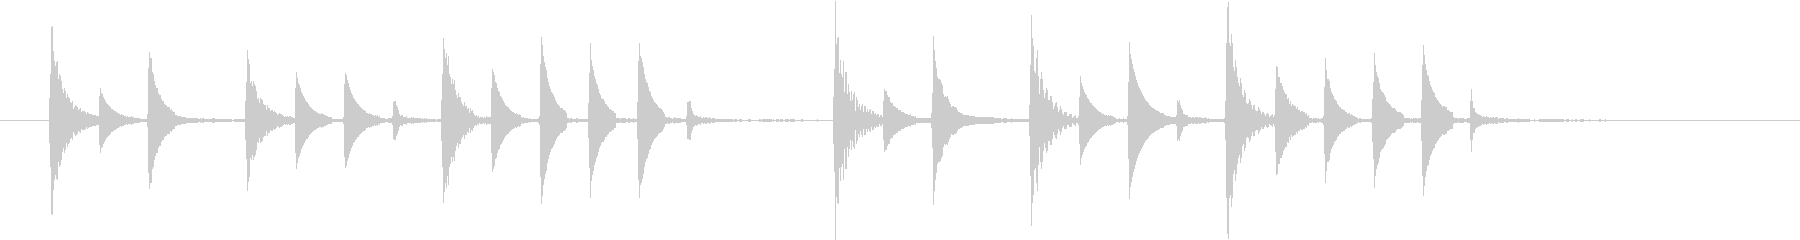 電子音が特徴的でコミカルなSEの未再生の波形